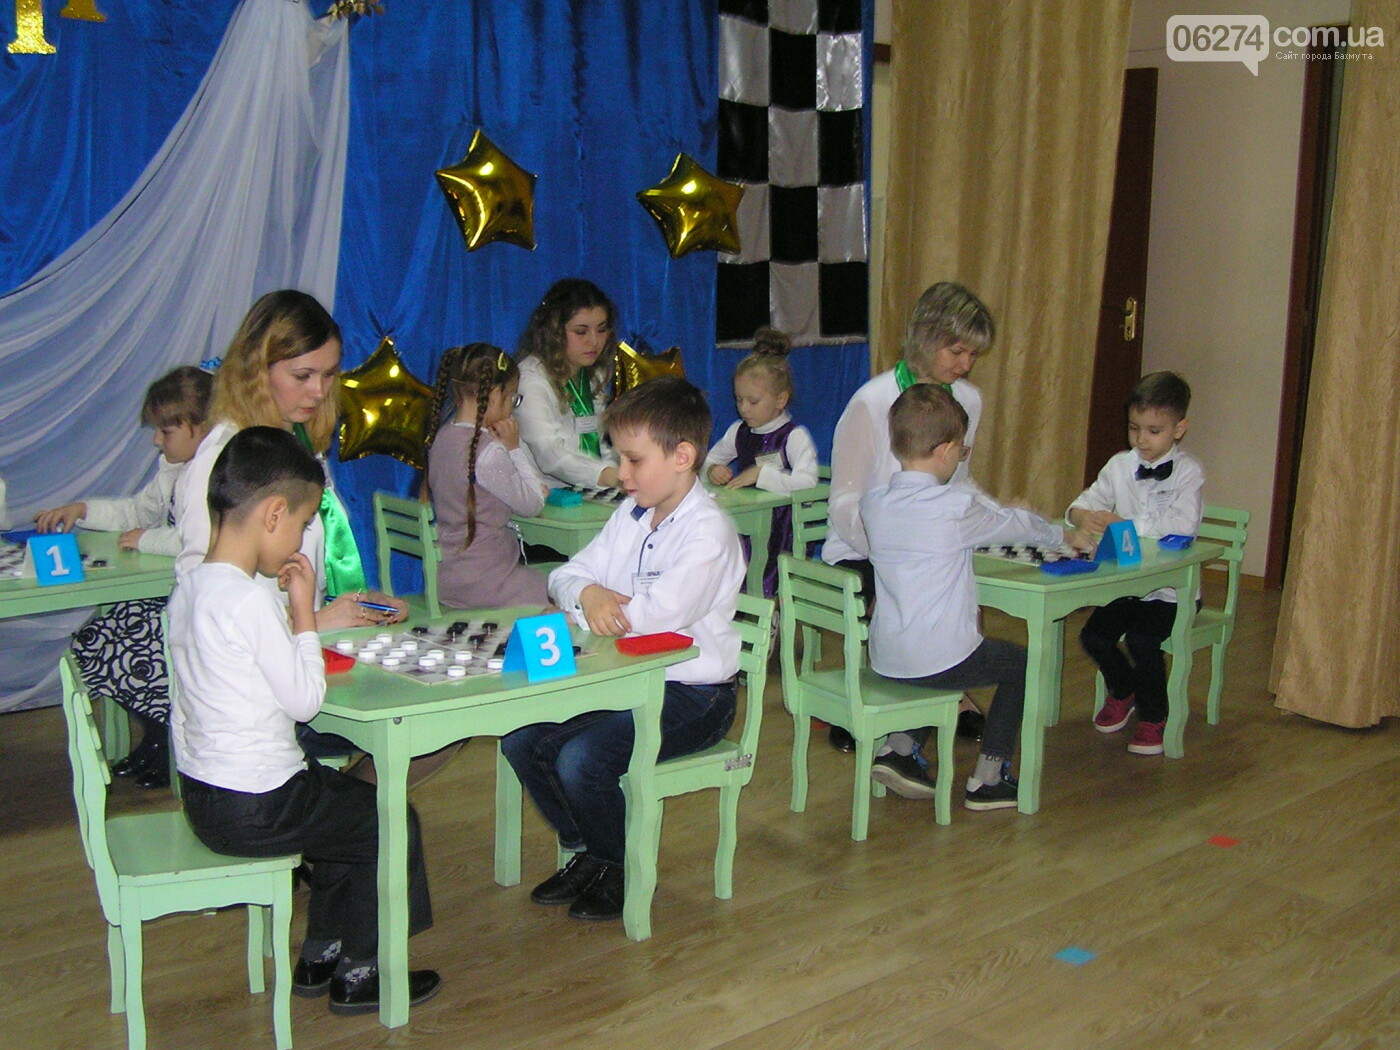 В Бахмуте прошел Финал VII шашечного турнира для детсадовцев, фото-11